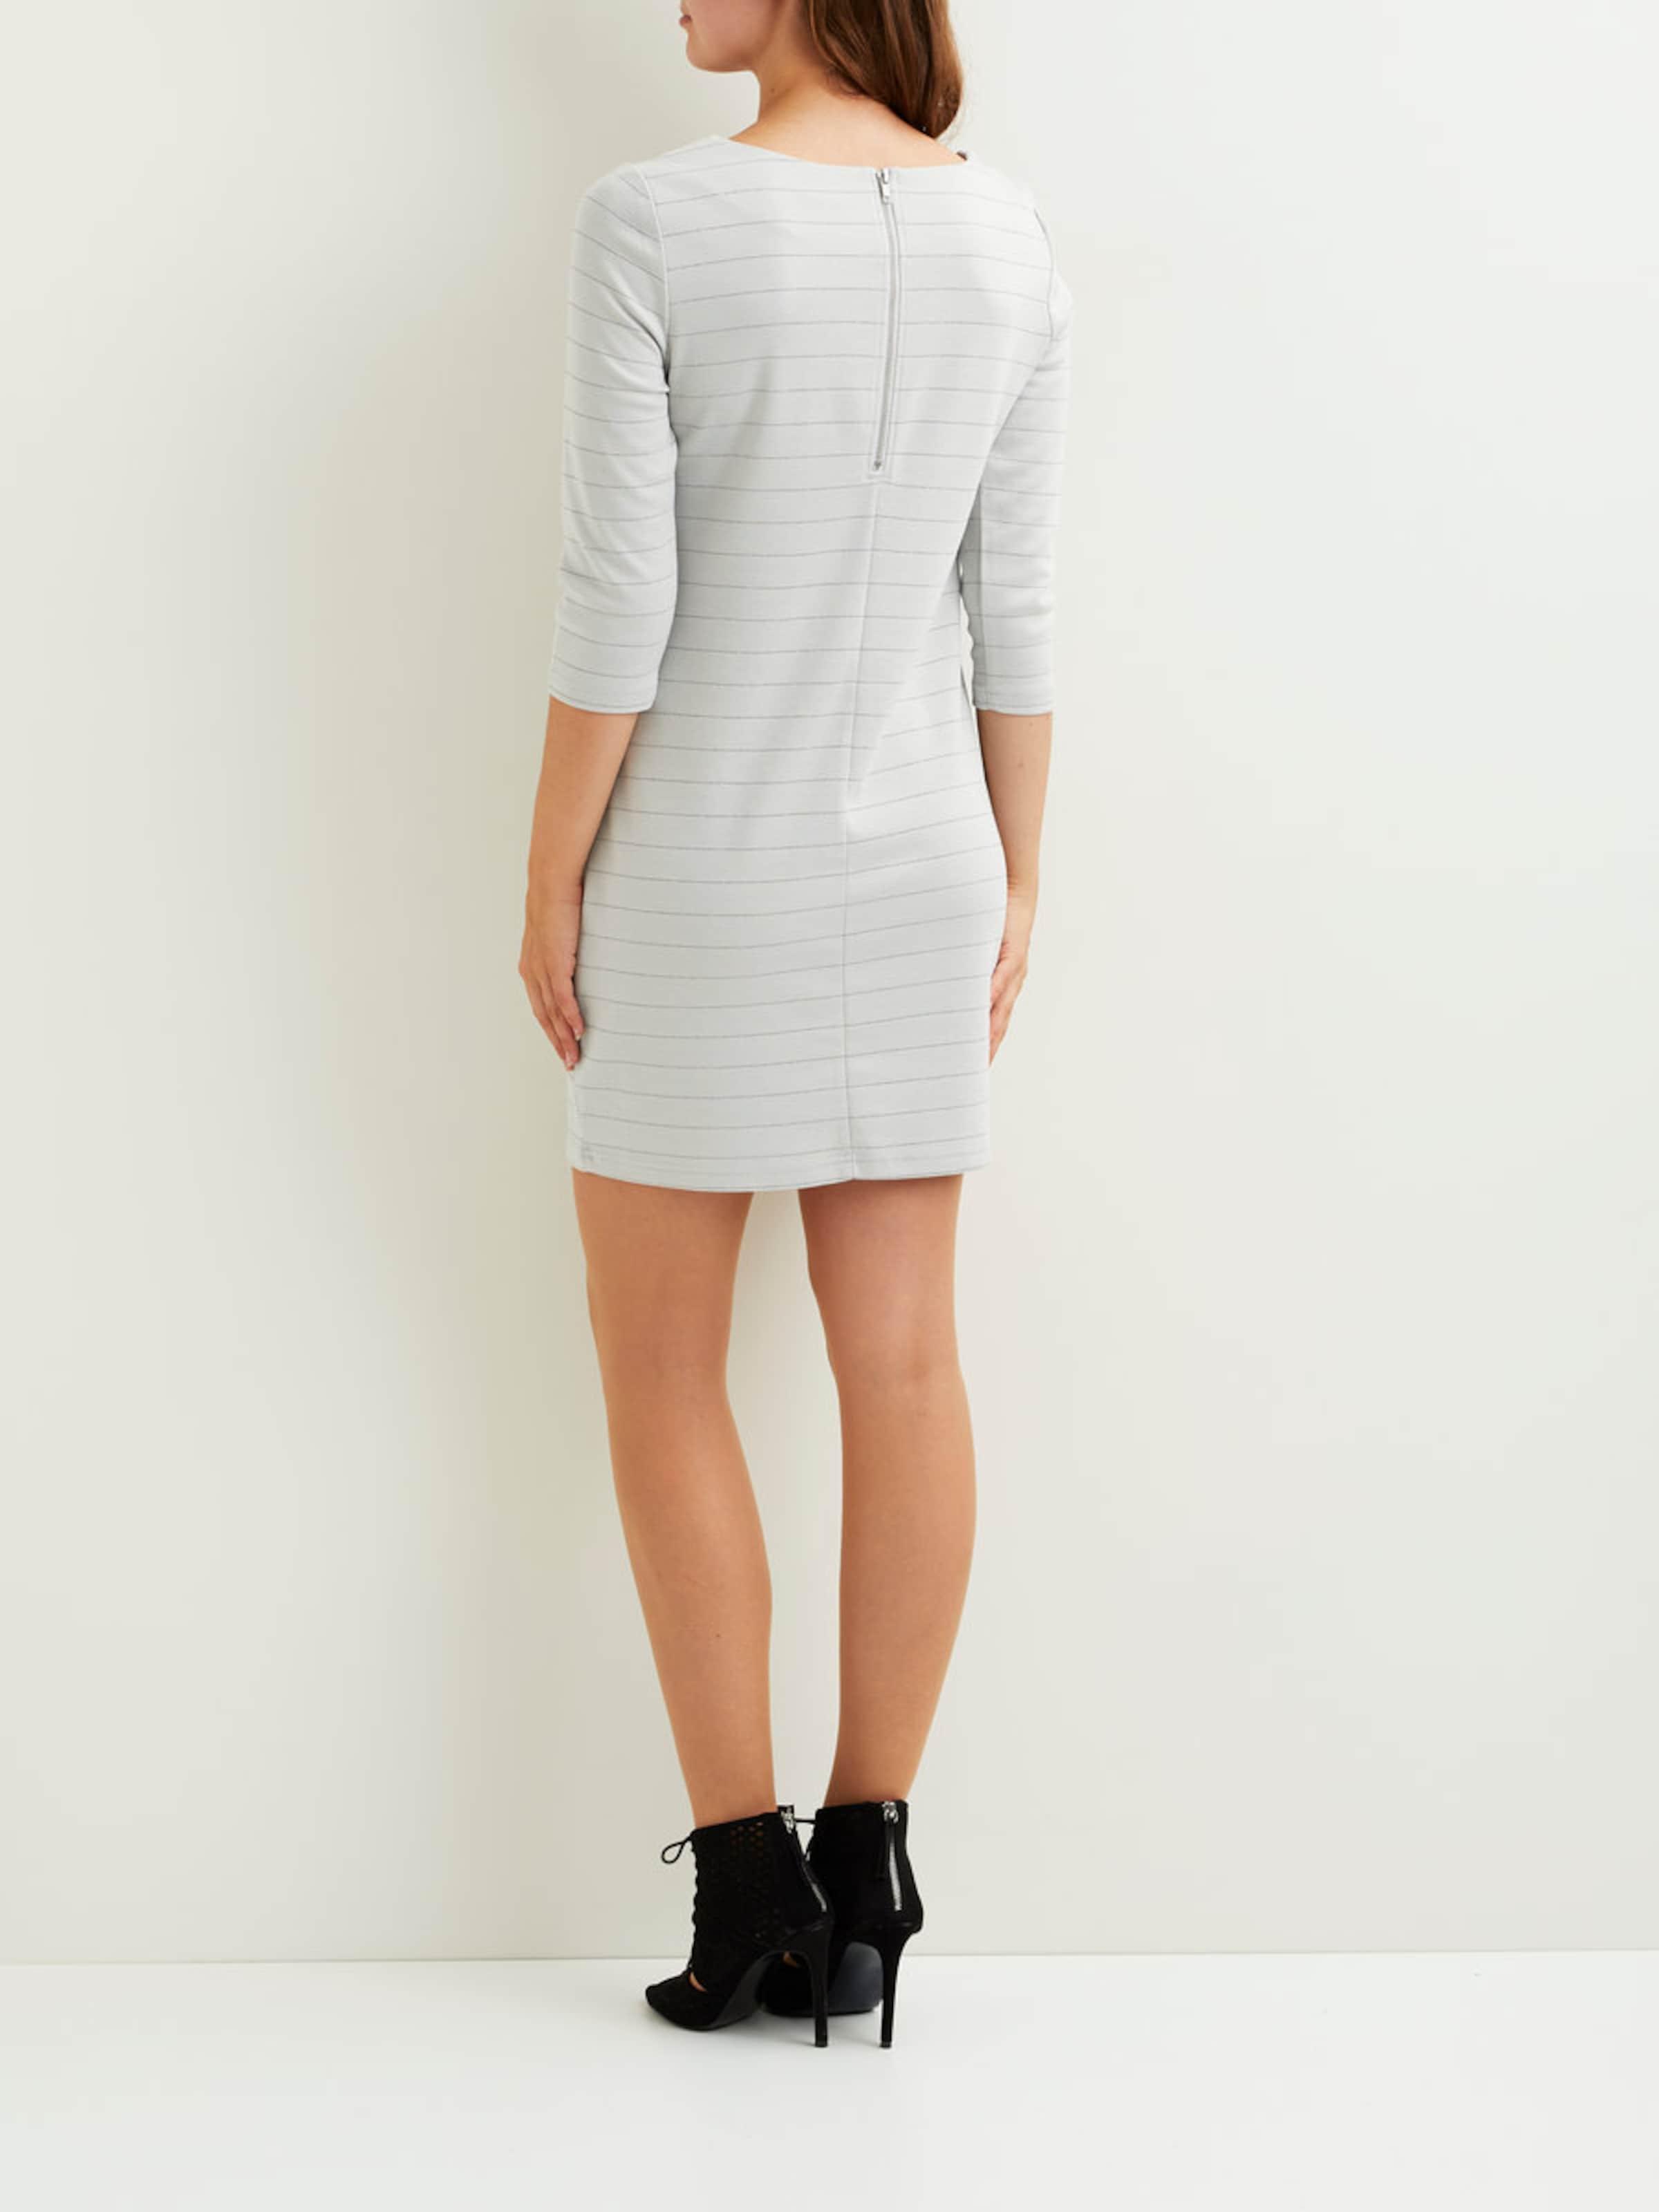 VILA 3/4-Ärmel Kleid Günstig Kaufen Freies Verschiffen IQw6Ck